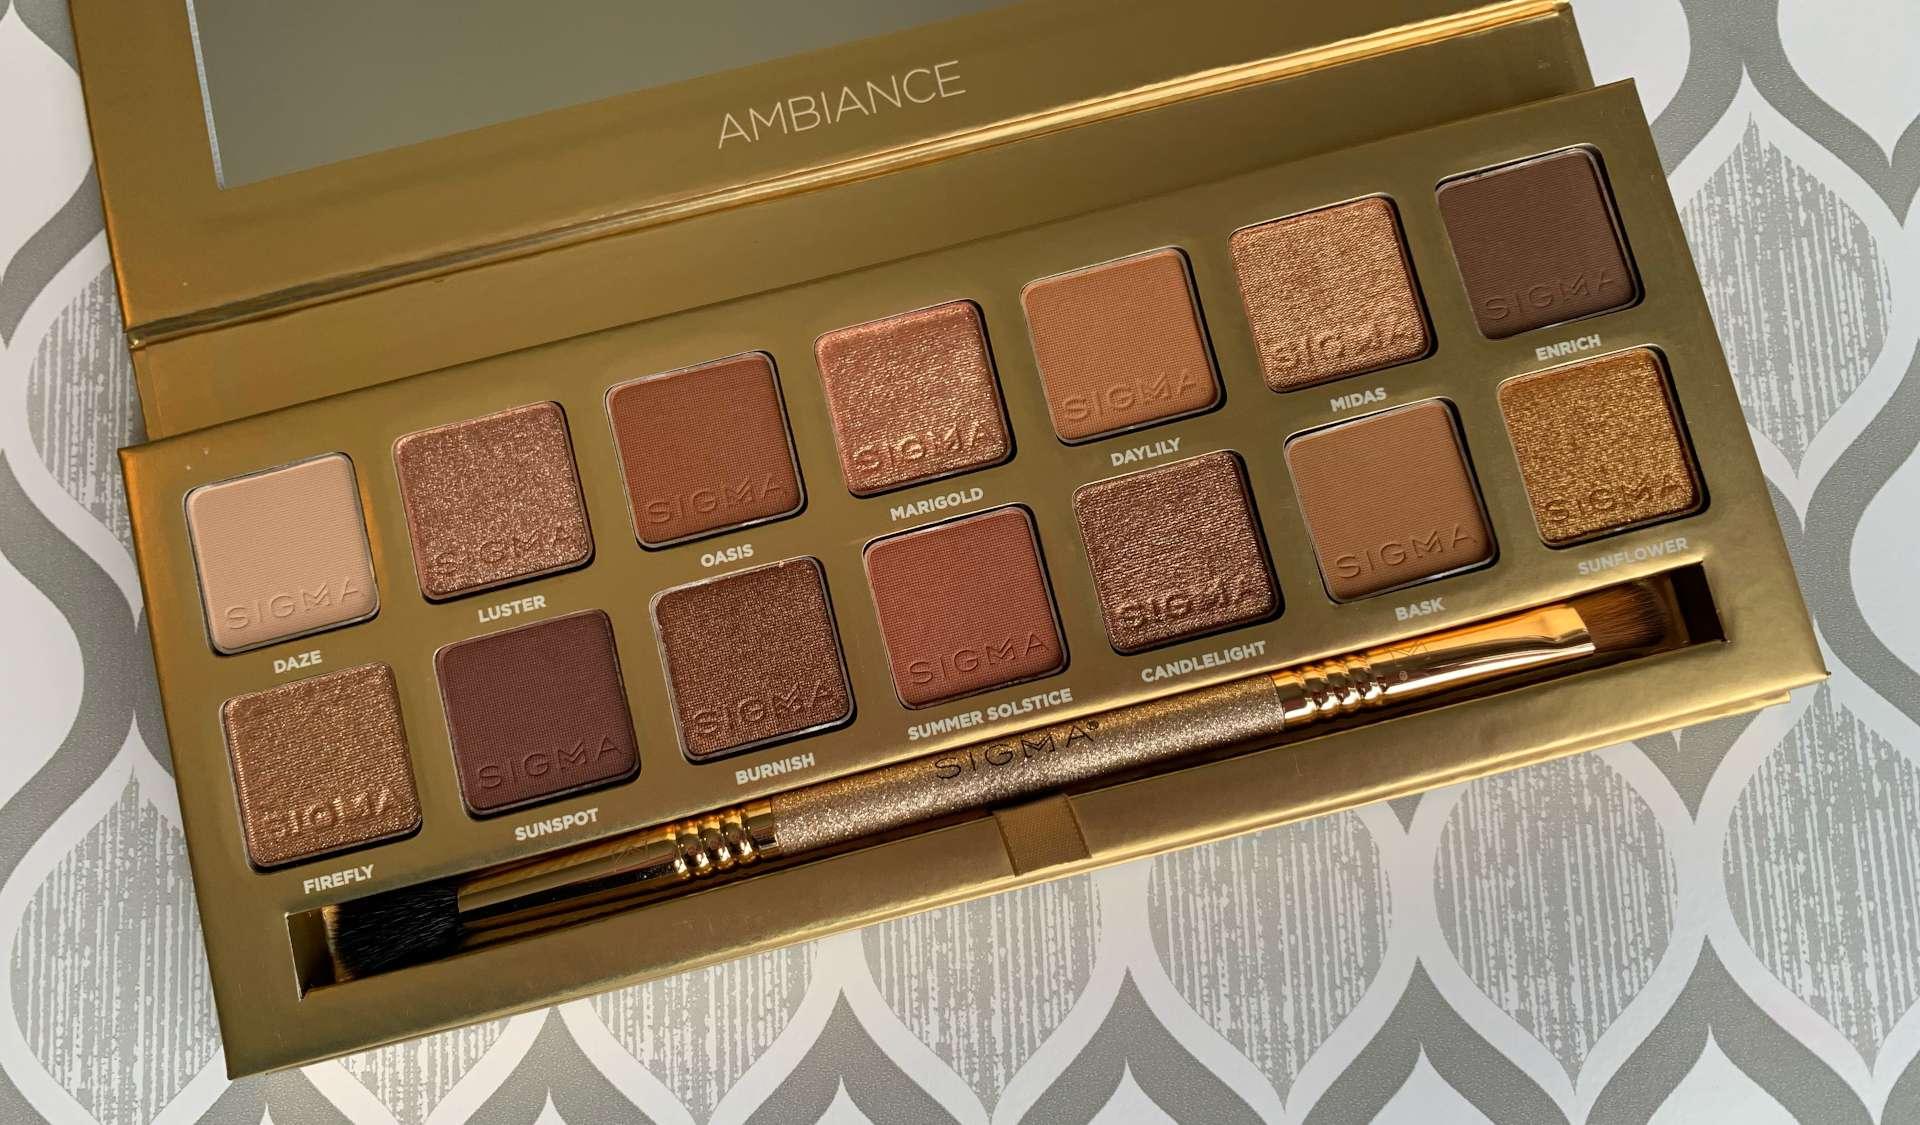 Sigma Beauty Ambiance Eyeshadow Palette Swatches on Medium Dark Skin